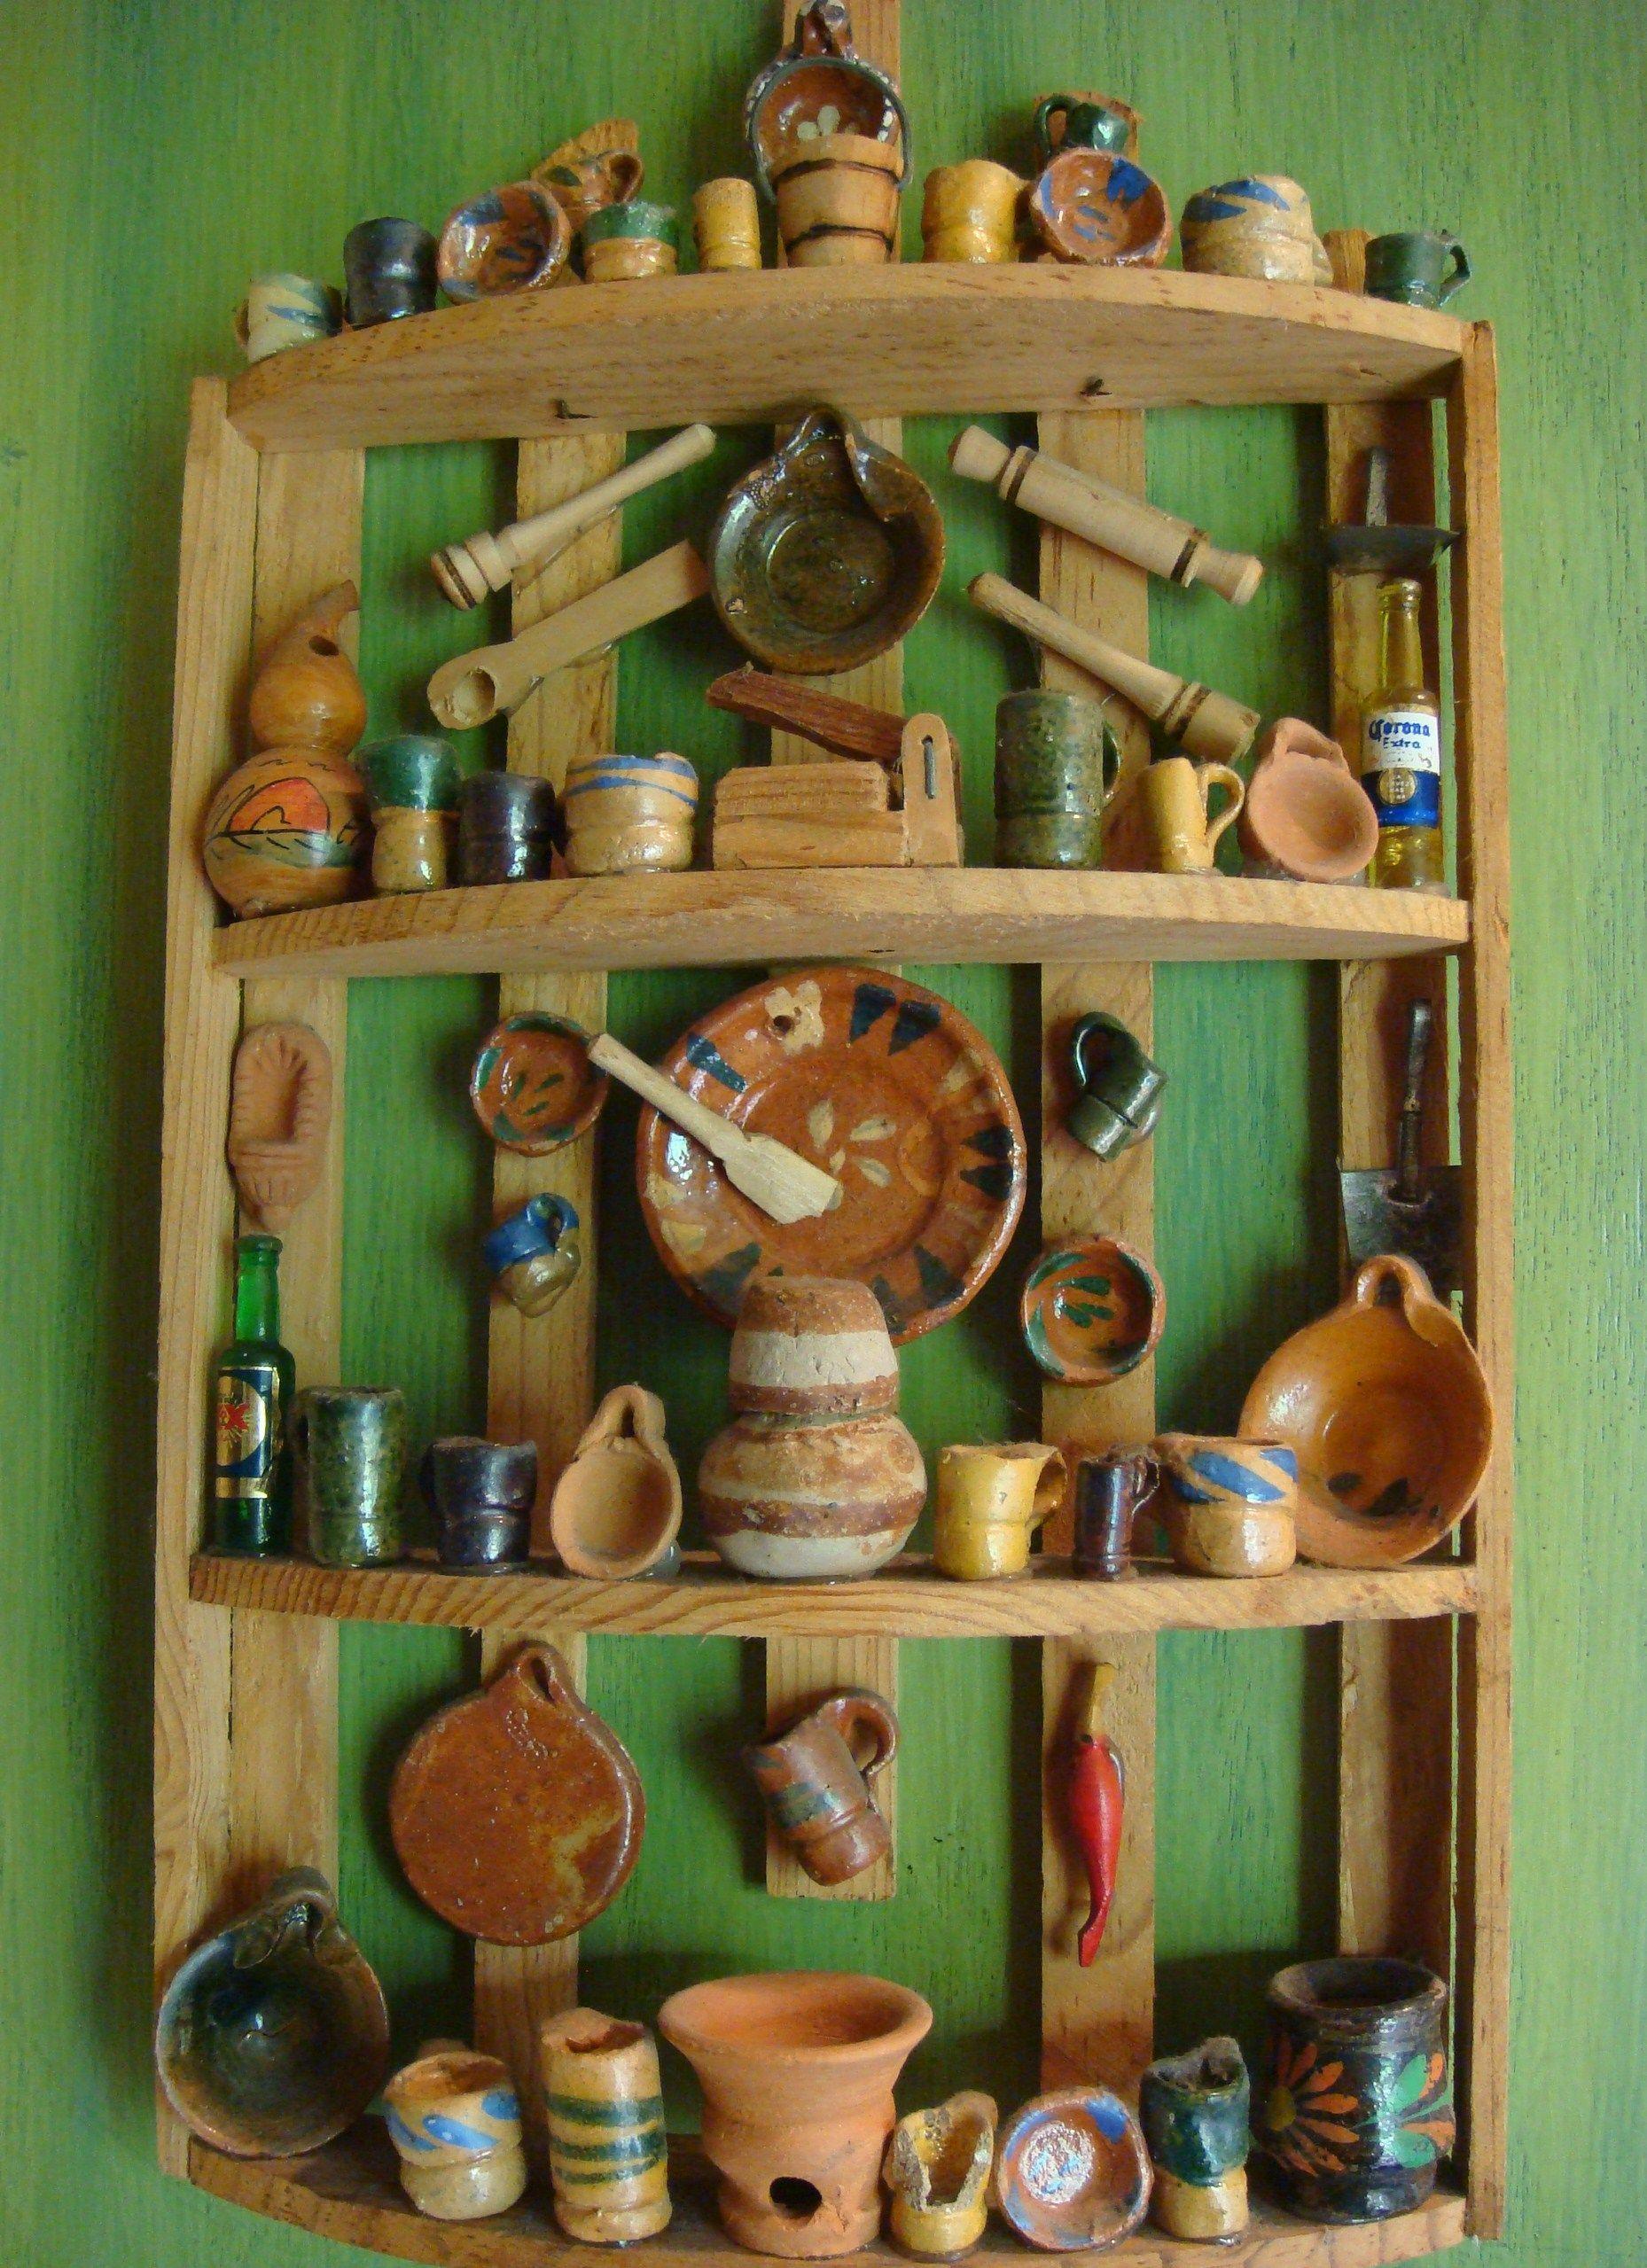 Trastero Cocina Diy Decoracion De Cocina Mexicana Decoracion De Casa Mexicana